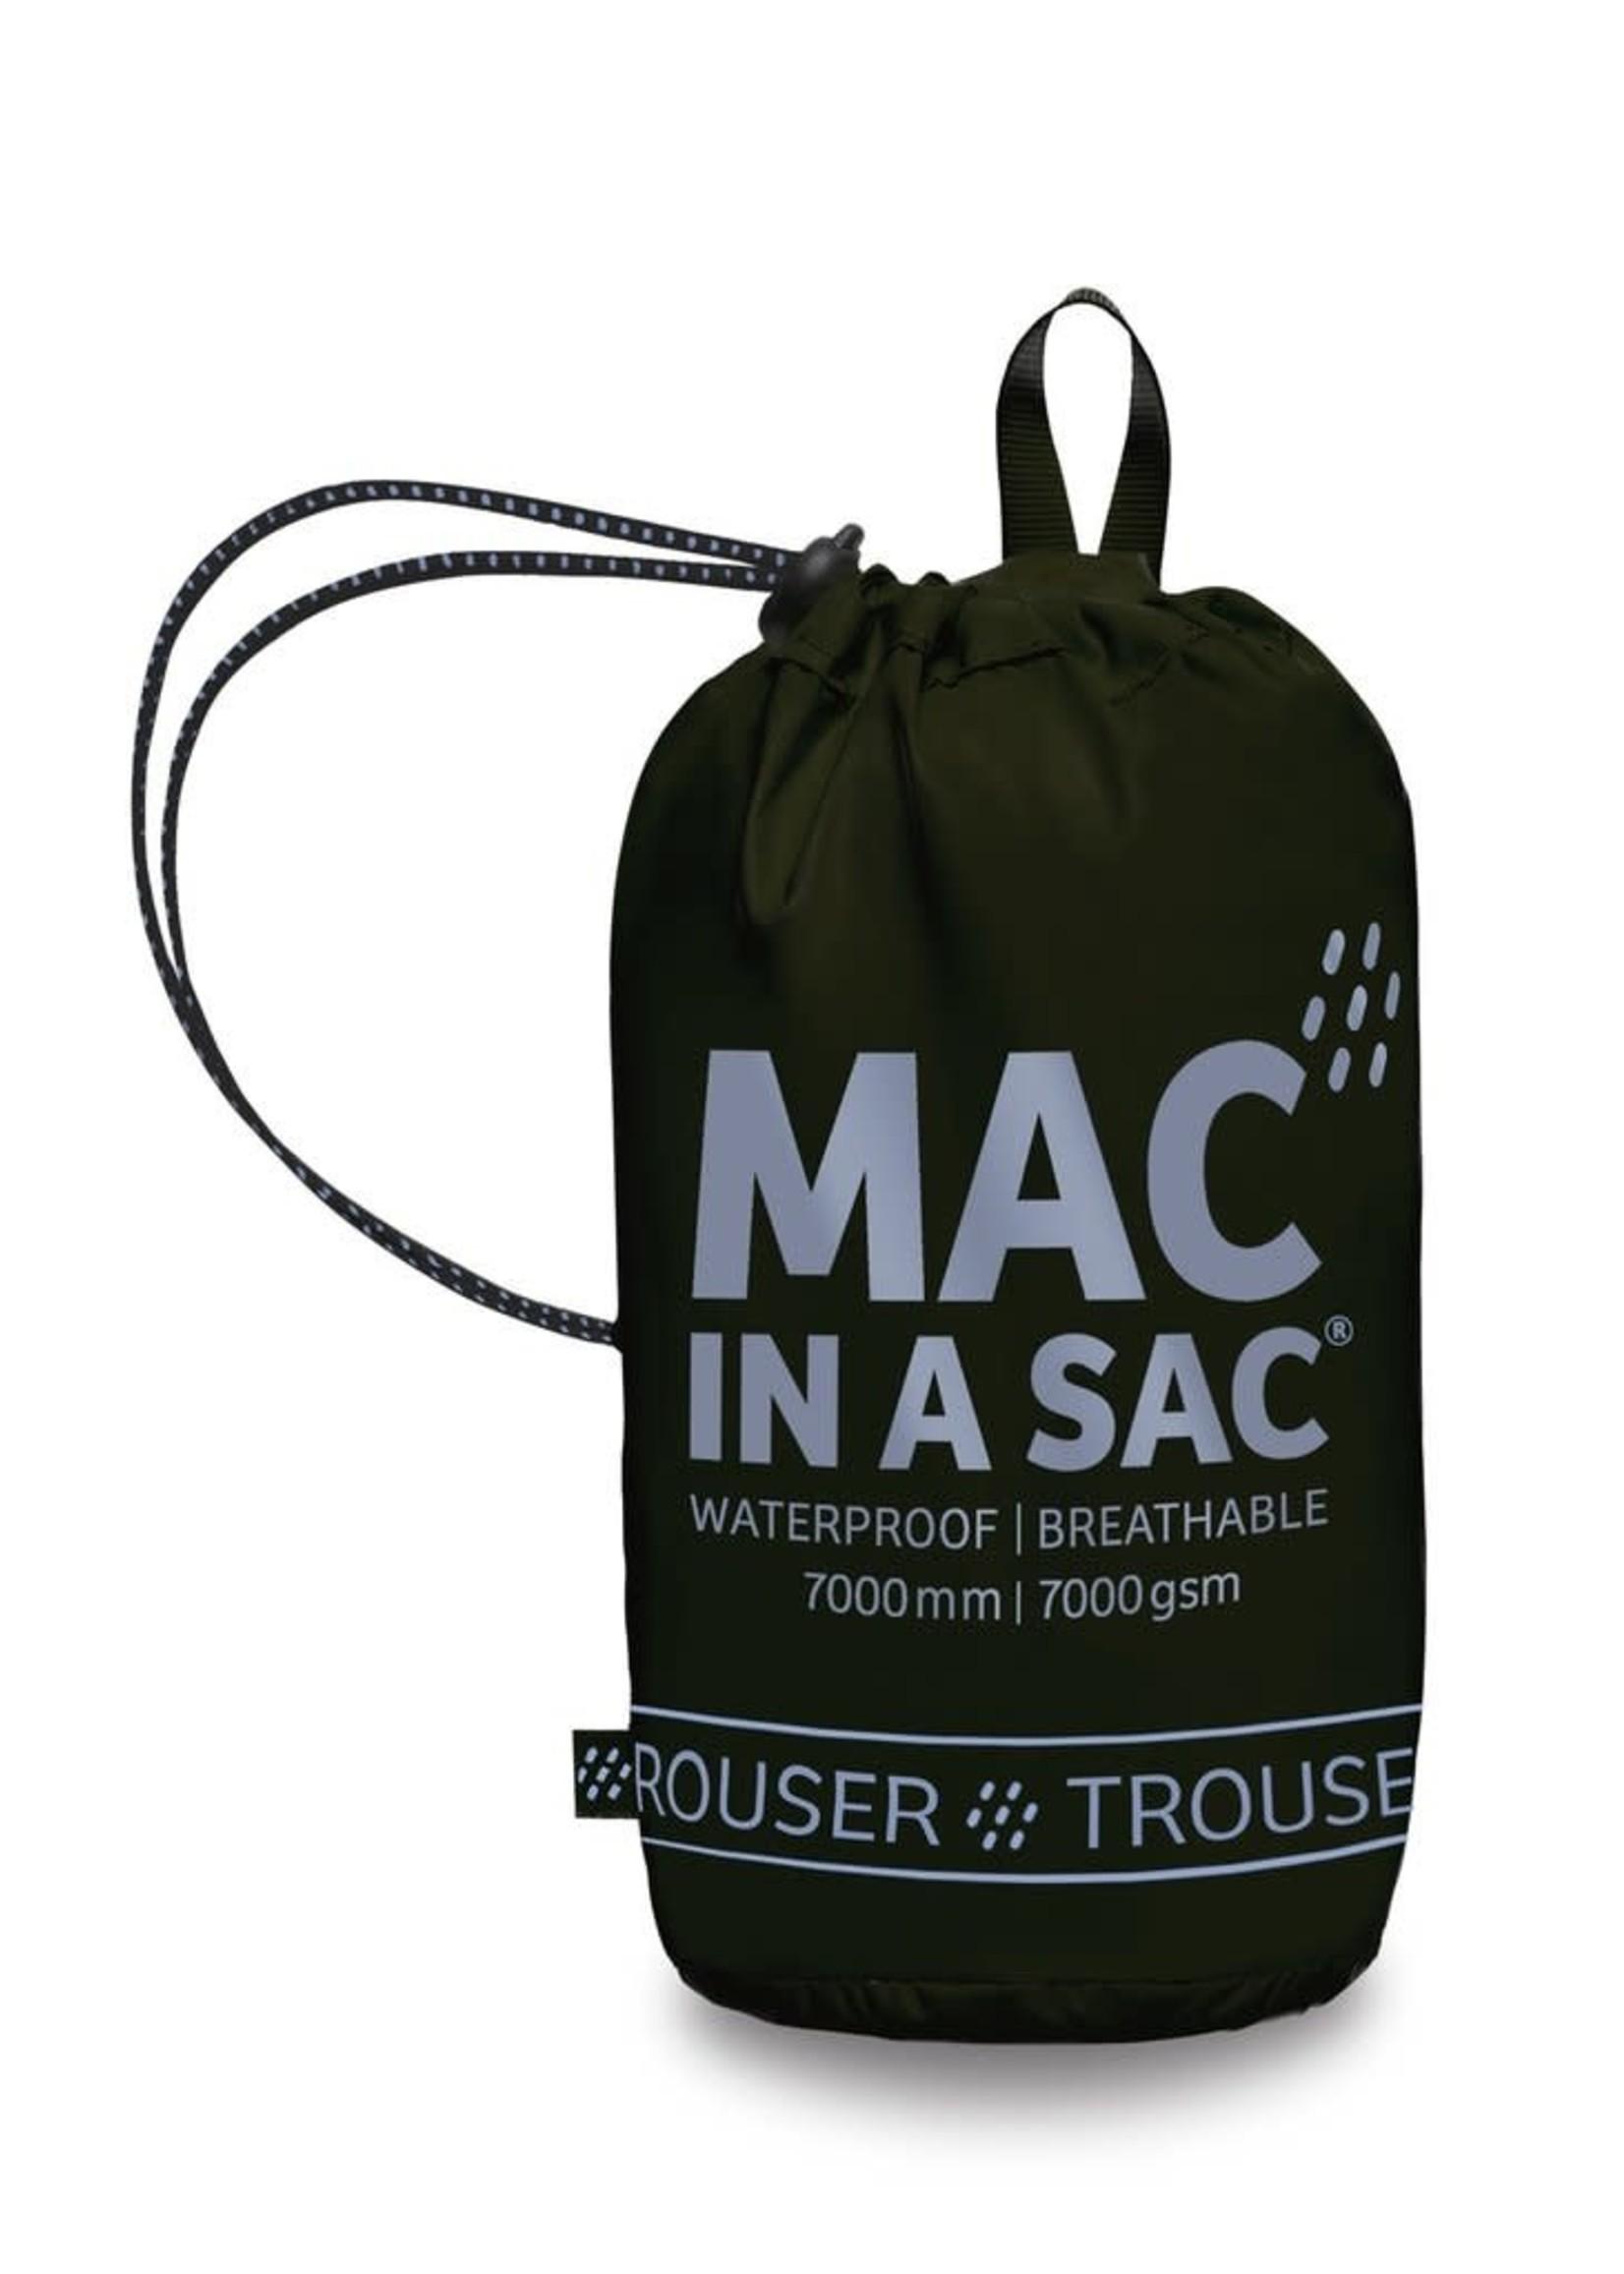 Mac In A Sac Mac in a Sac - Mias Original 2 Adult Waterproof Trousers (2021)